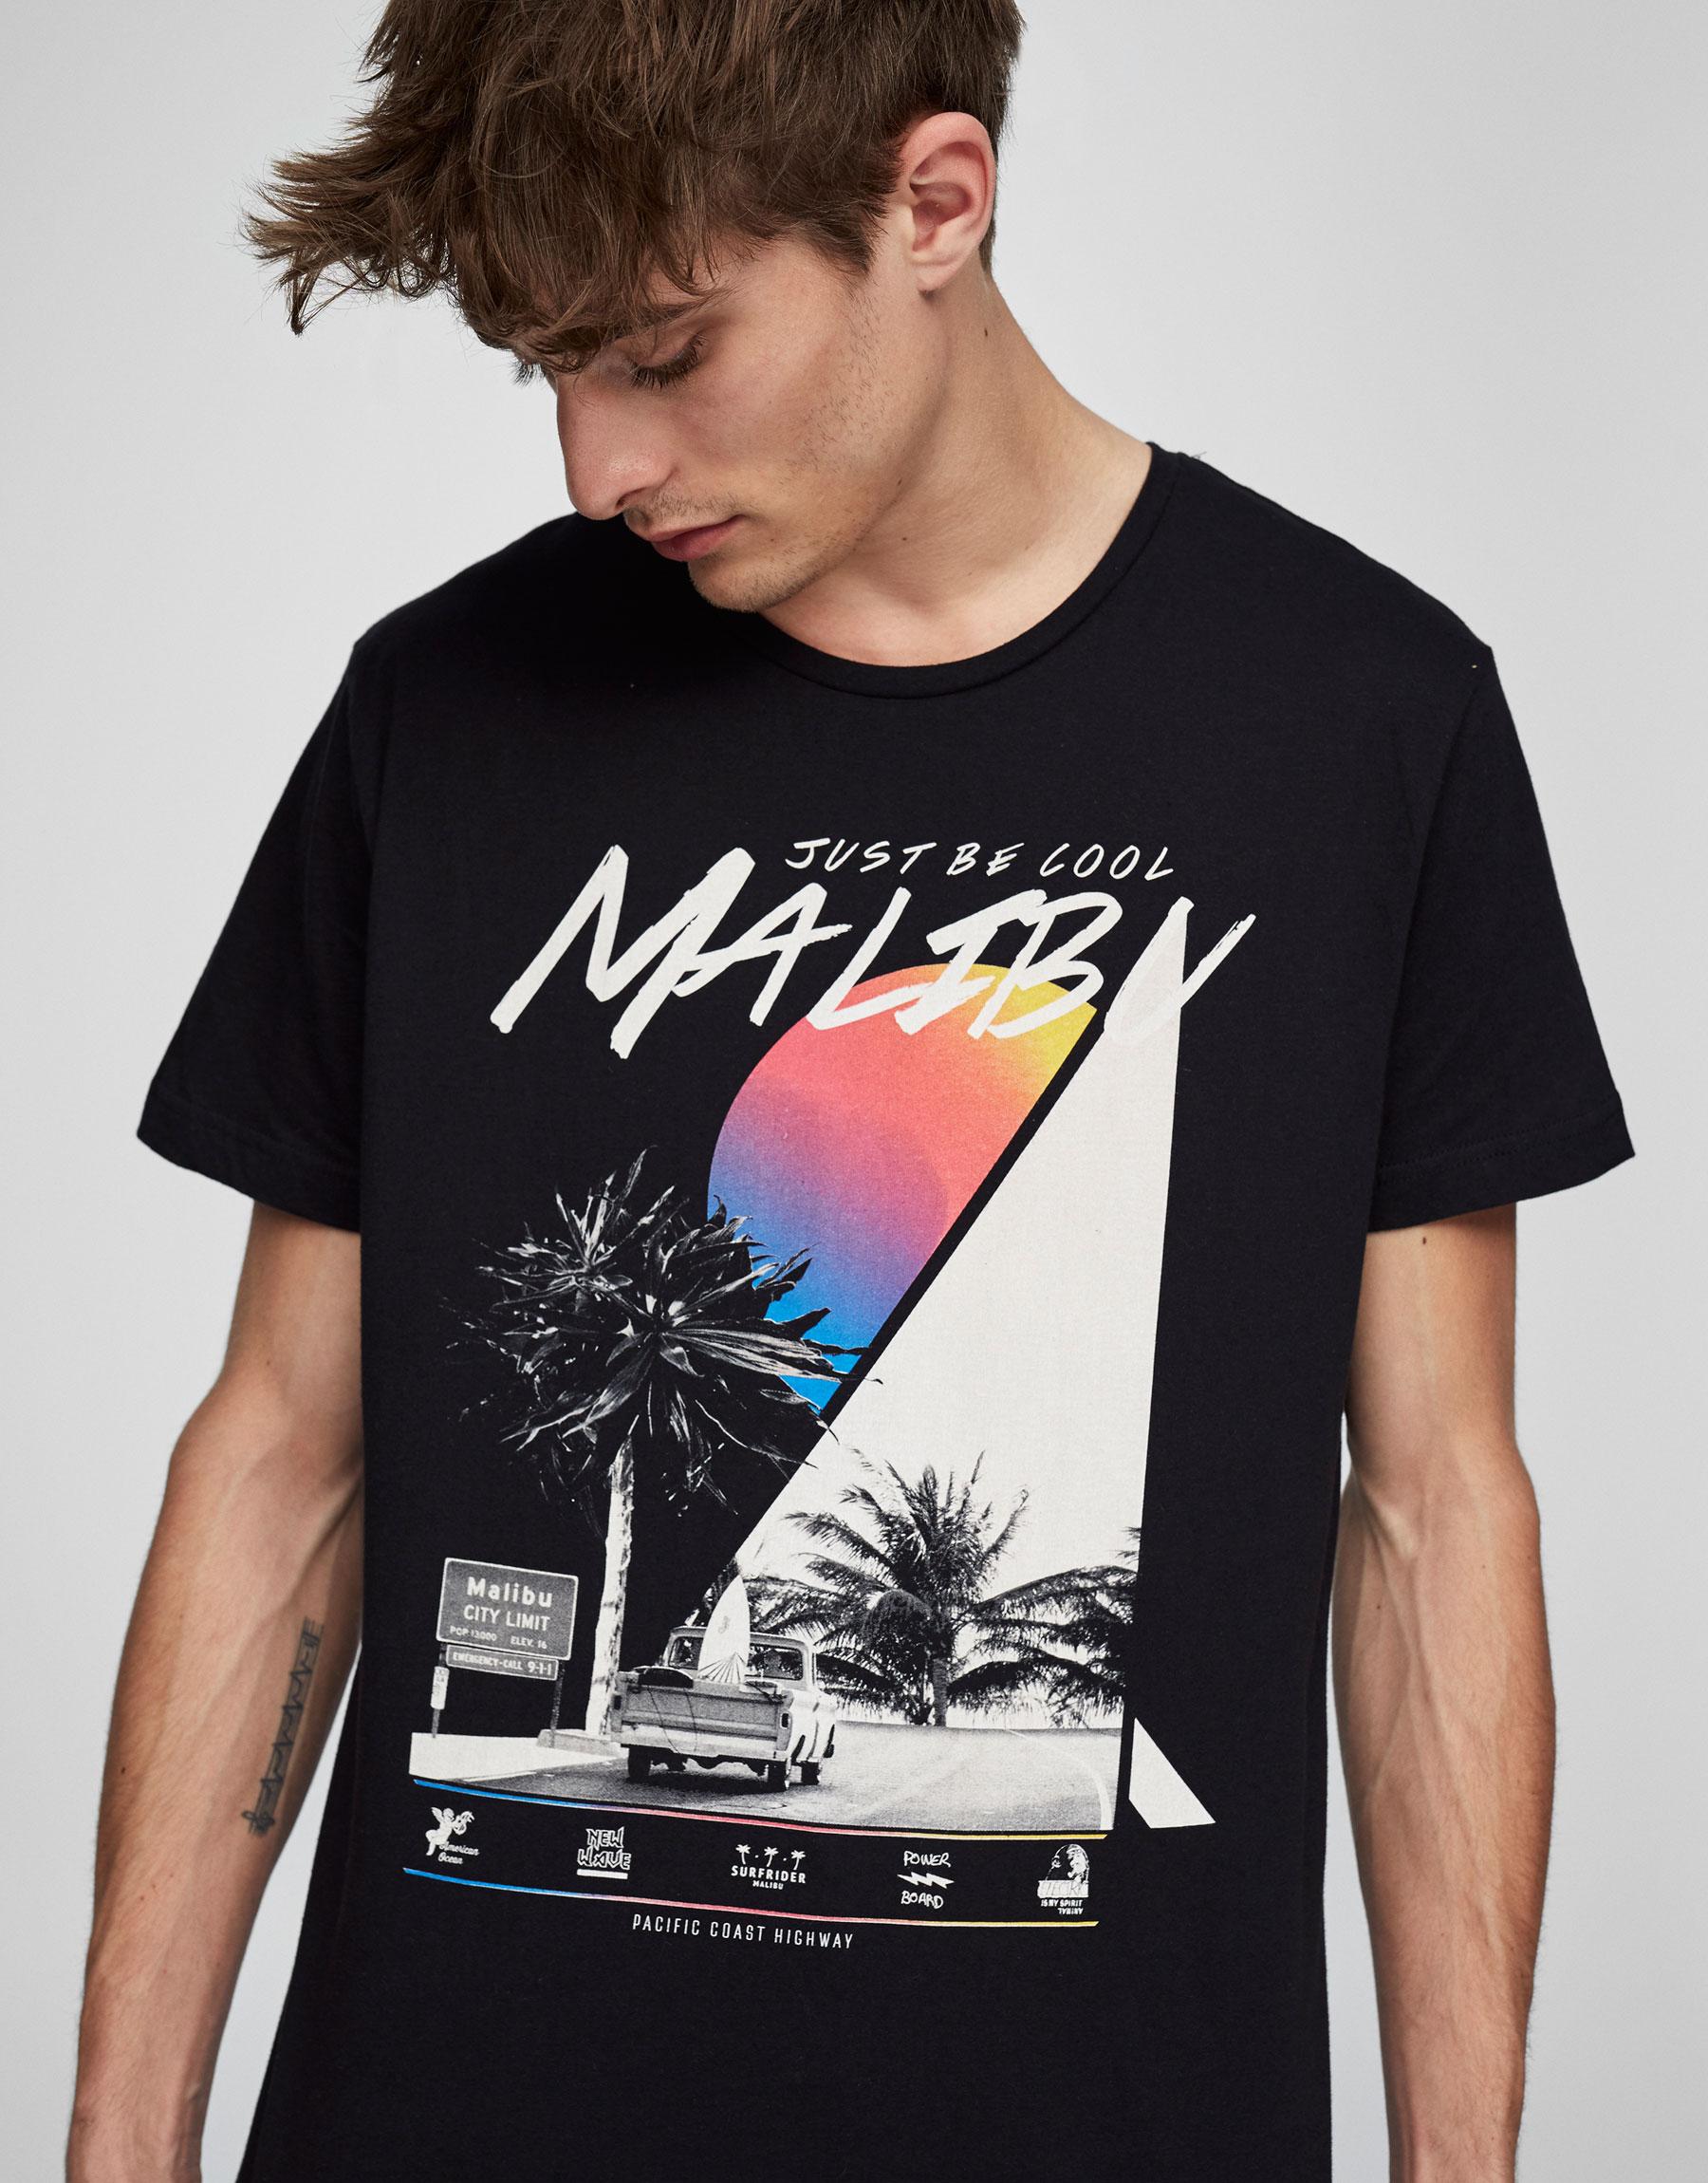 Malibu City print T-shirt